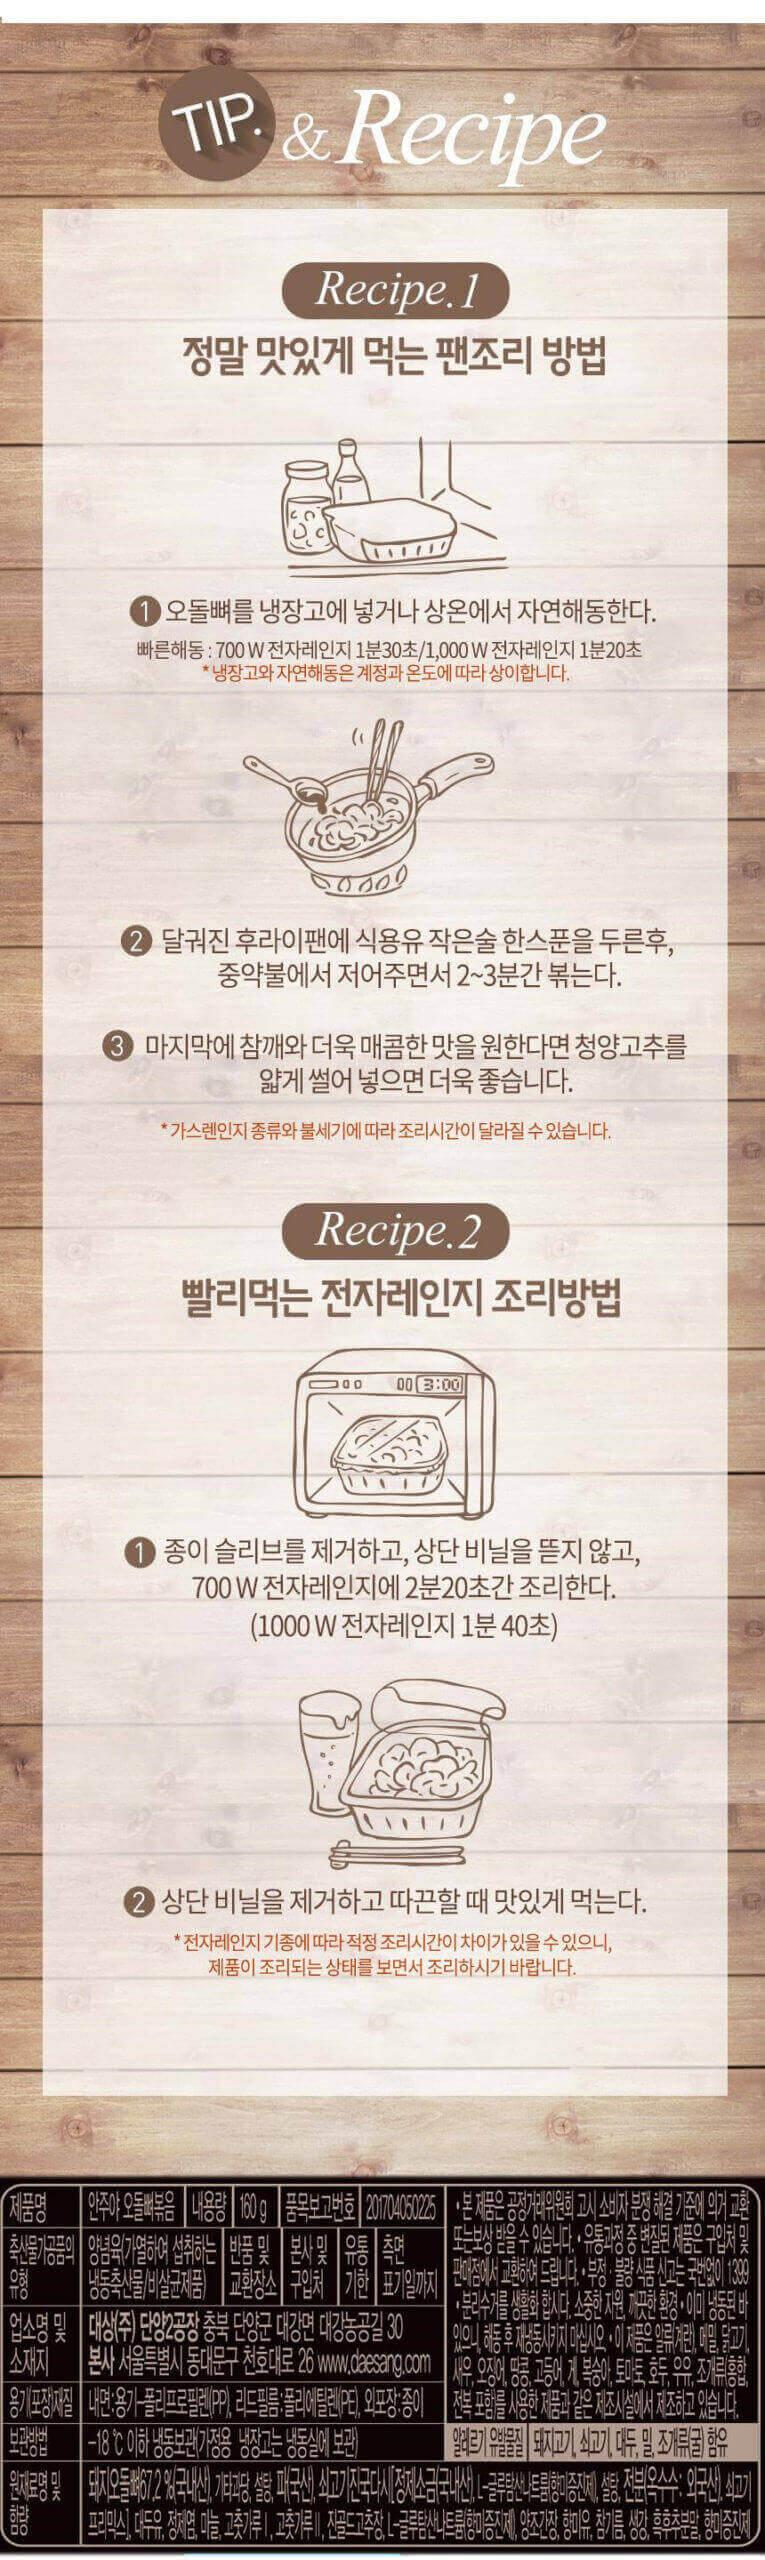 韓國食品-[CJO] Spicy Stir-fried Cartilage 160g